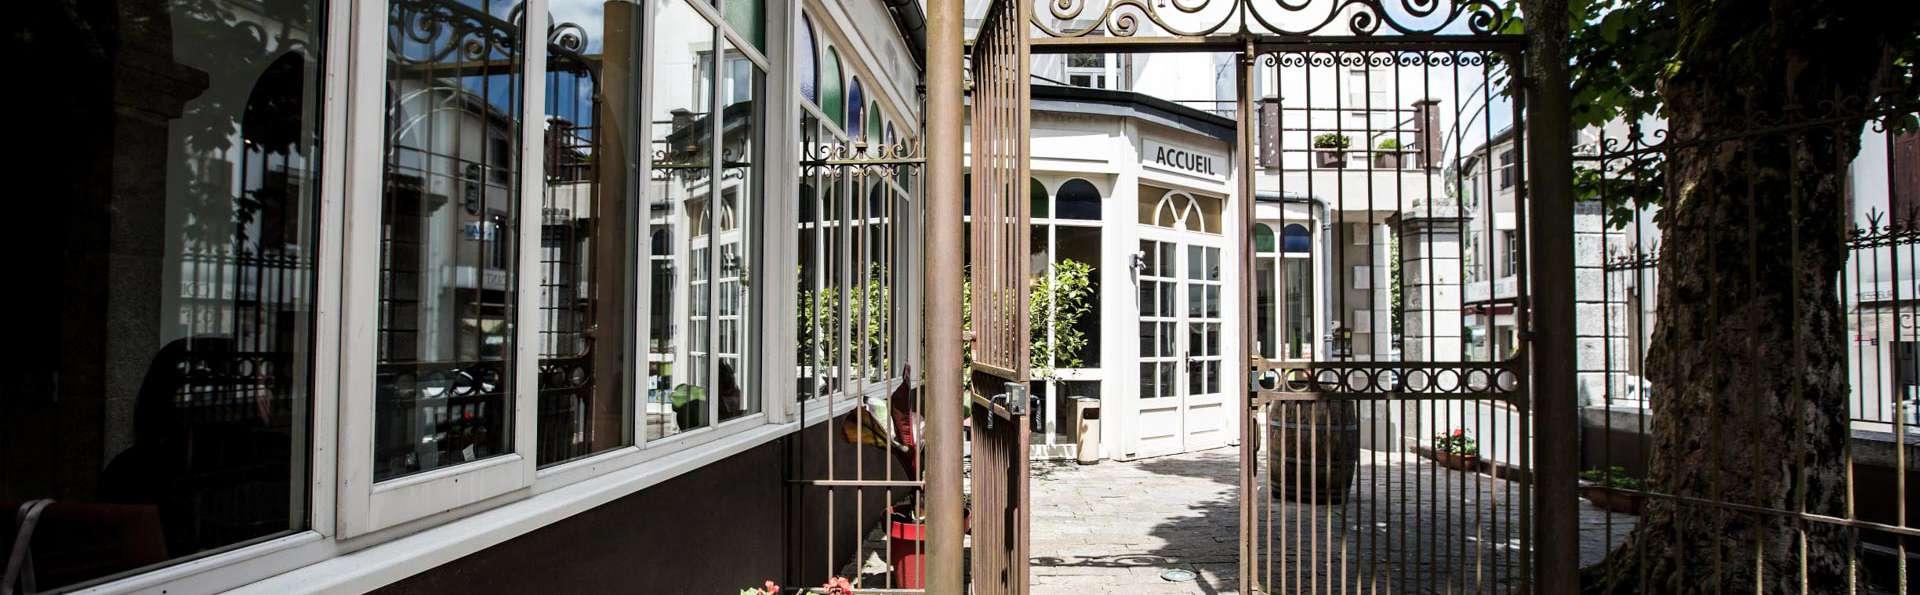 Le Relais De Fusies 3 Lacaune Les Bains France